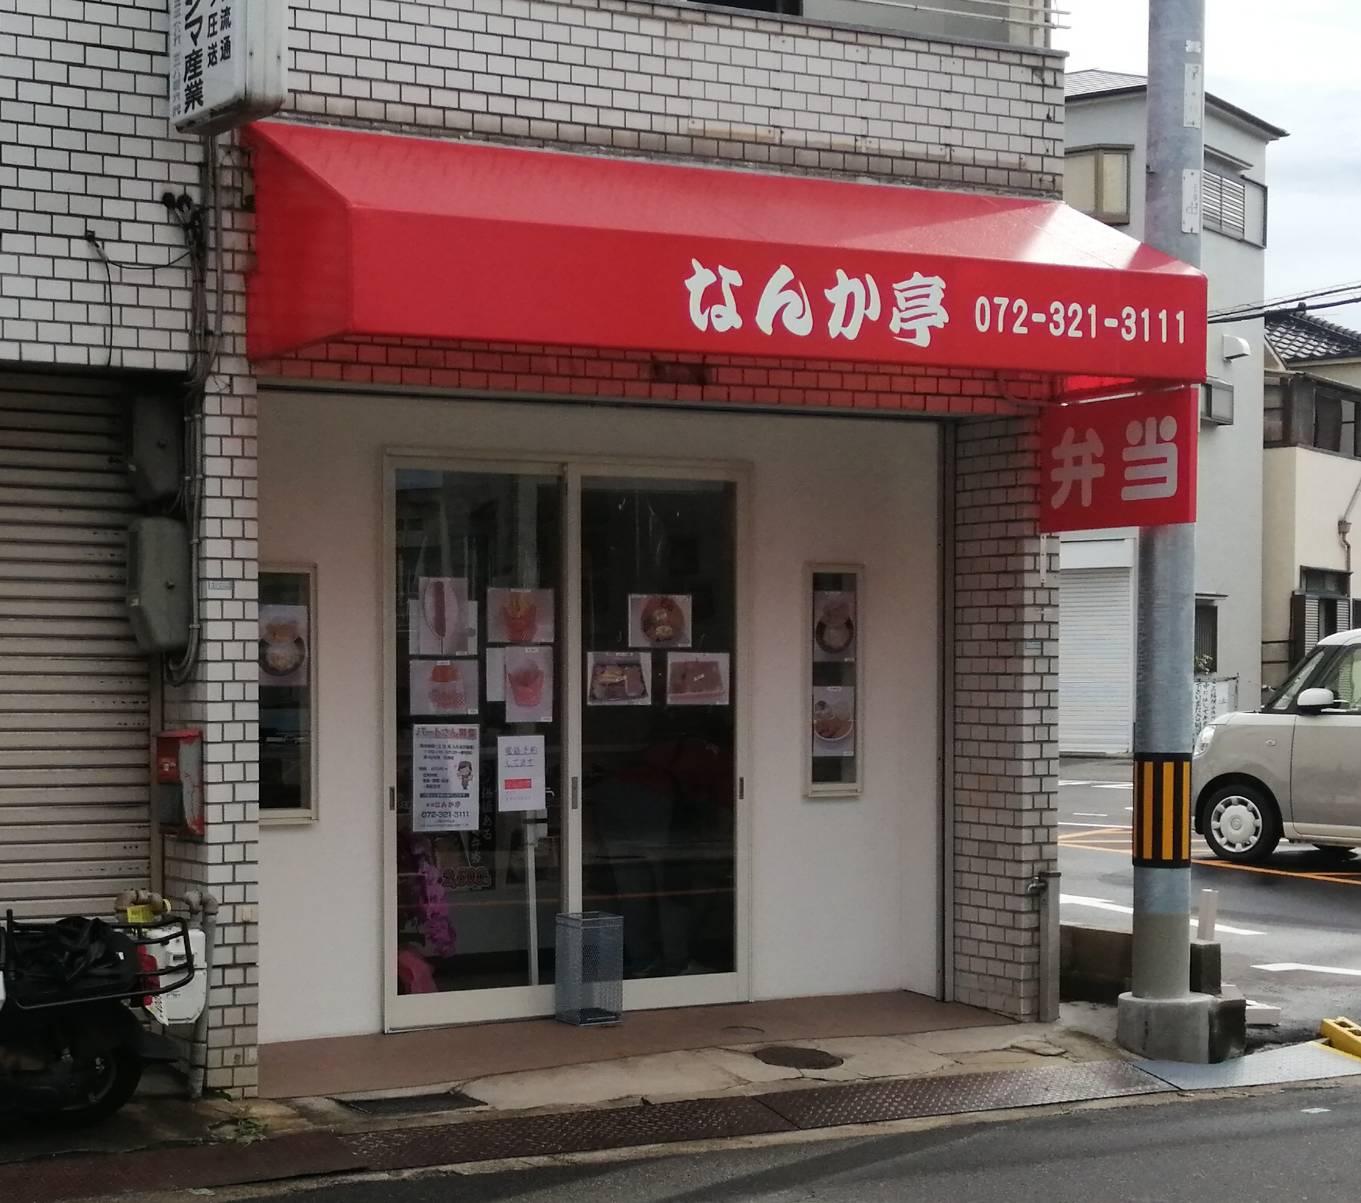 【祝オープン】堺市東区・萩原天神駅の近くにお弁当屋さん『なんか亭 』がオープンされました♬: